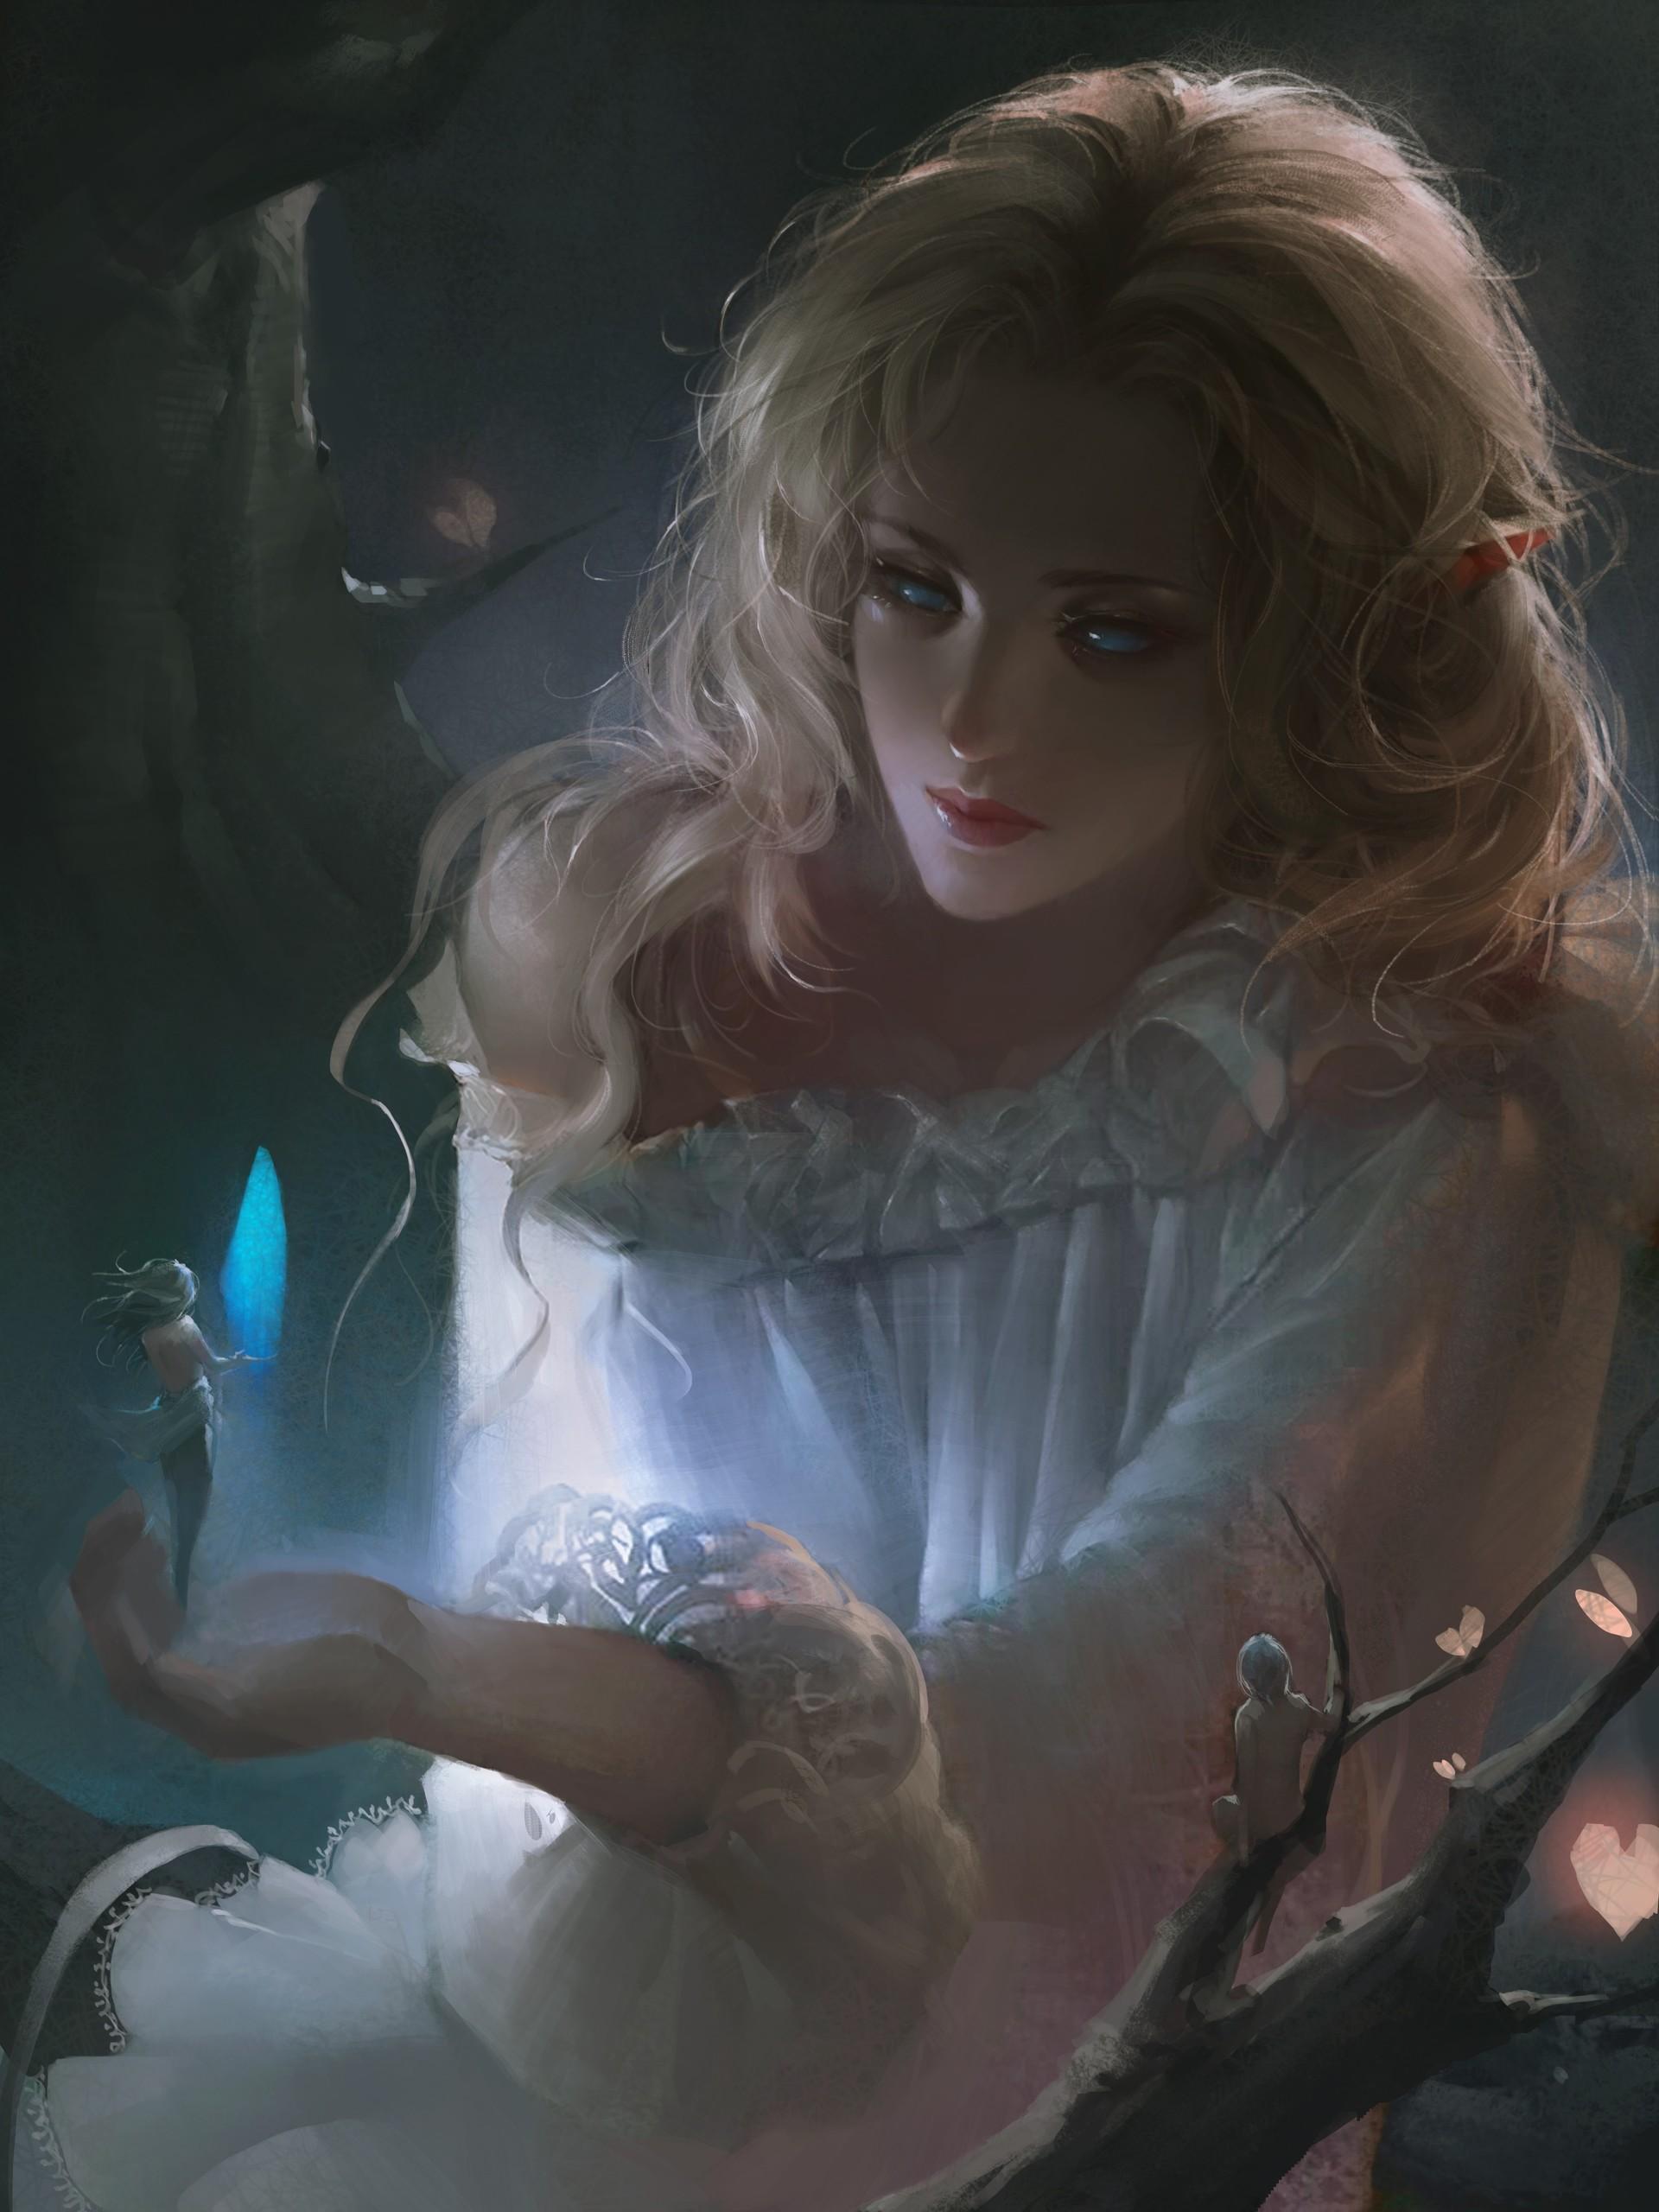 Фото Девушка - эльфийка с мифическими существами, одно из которых стоит у нее на руке